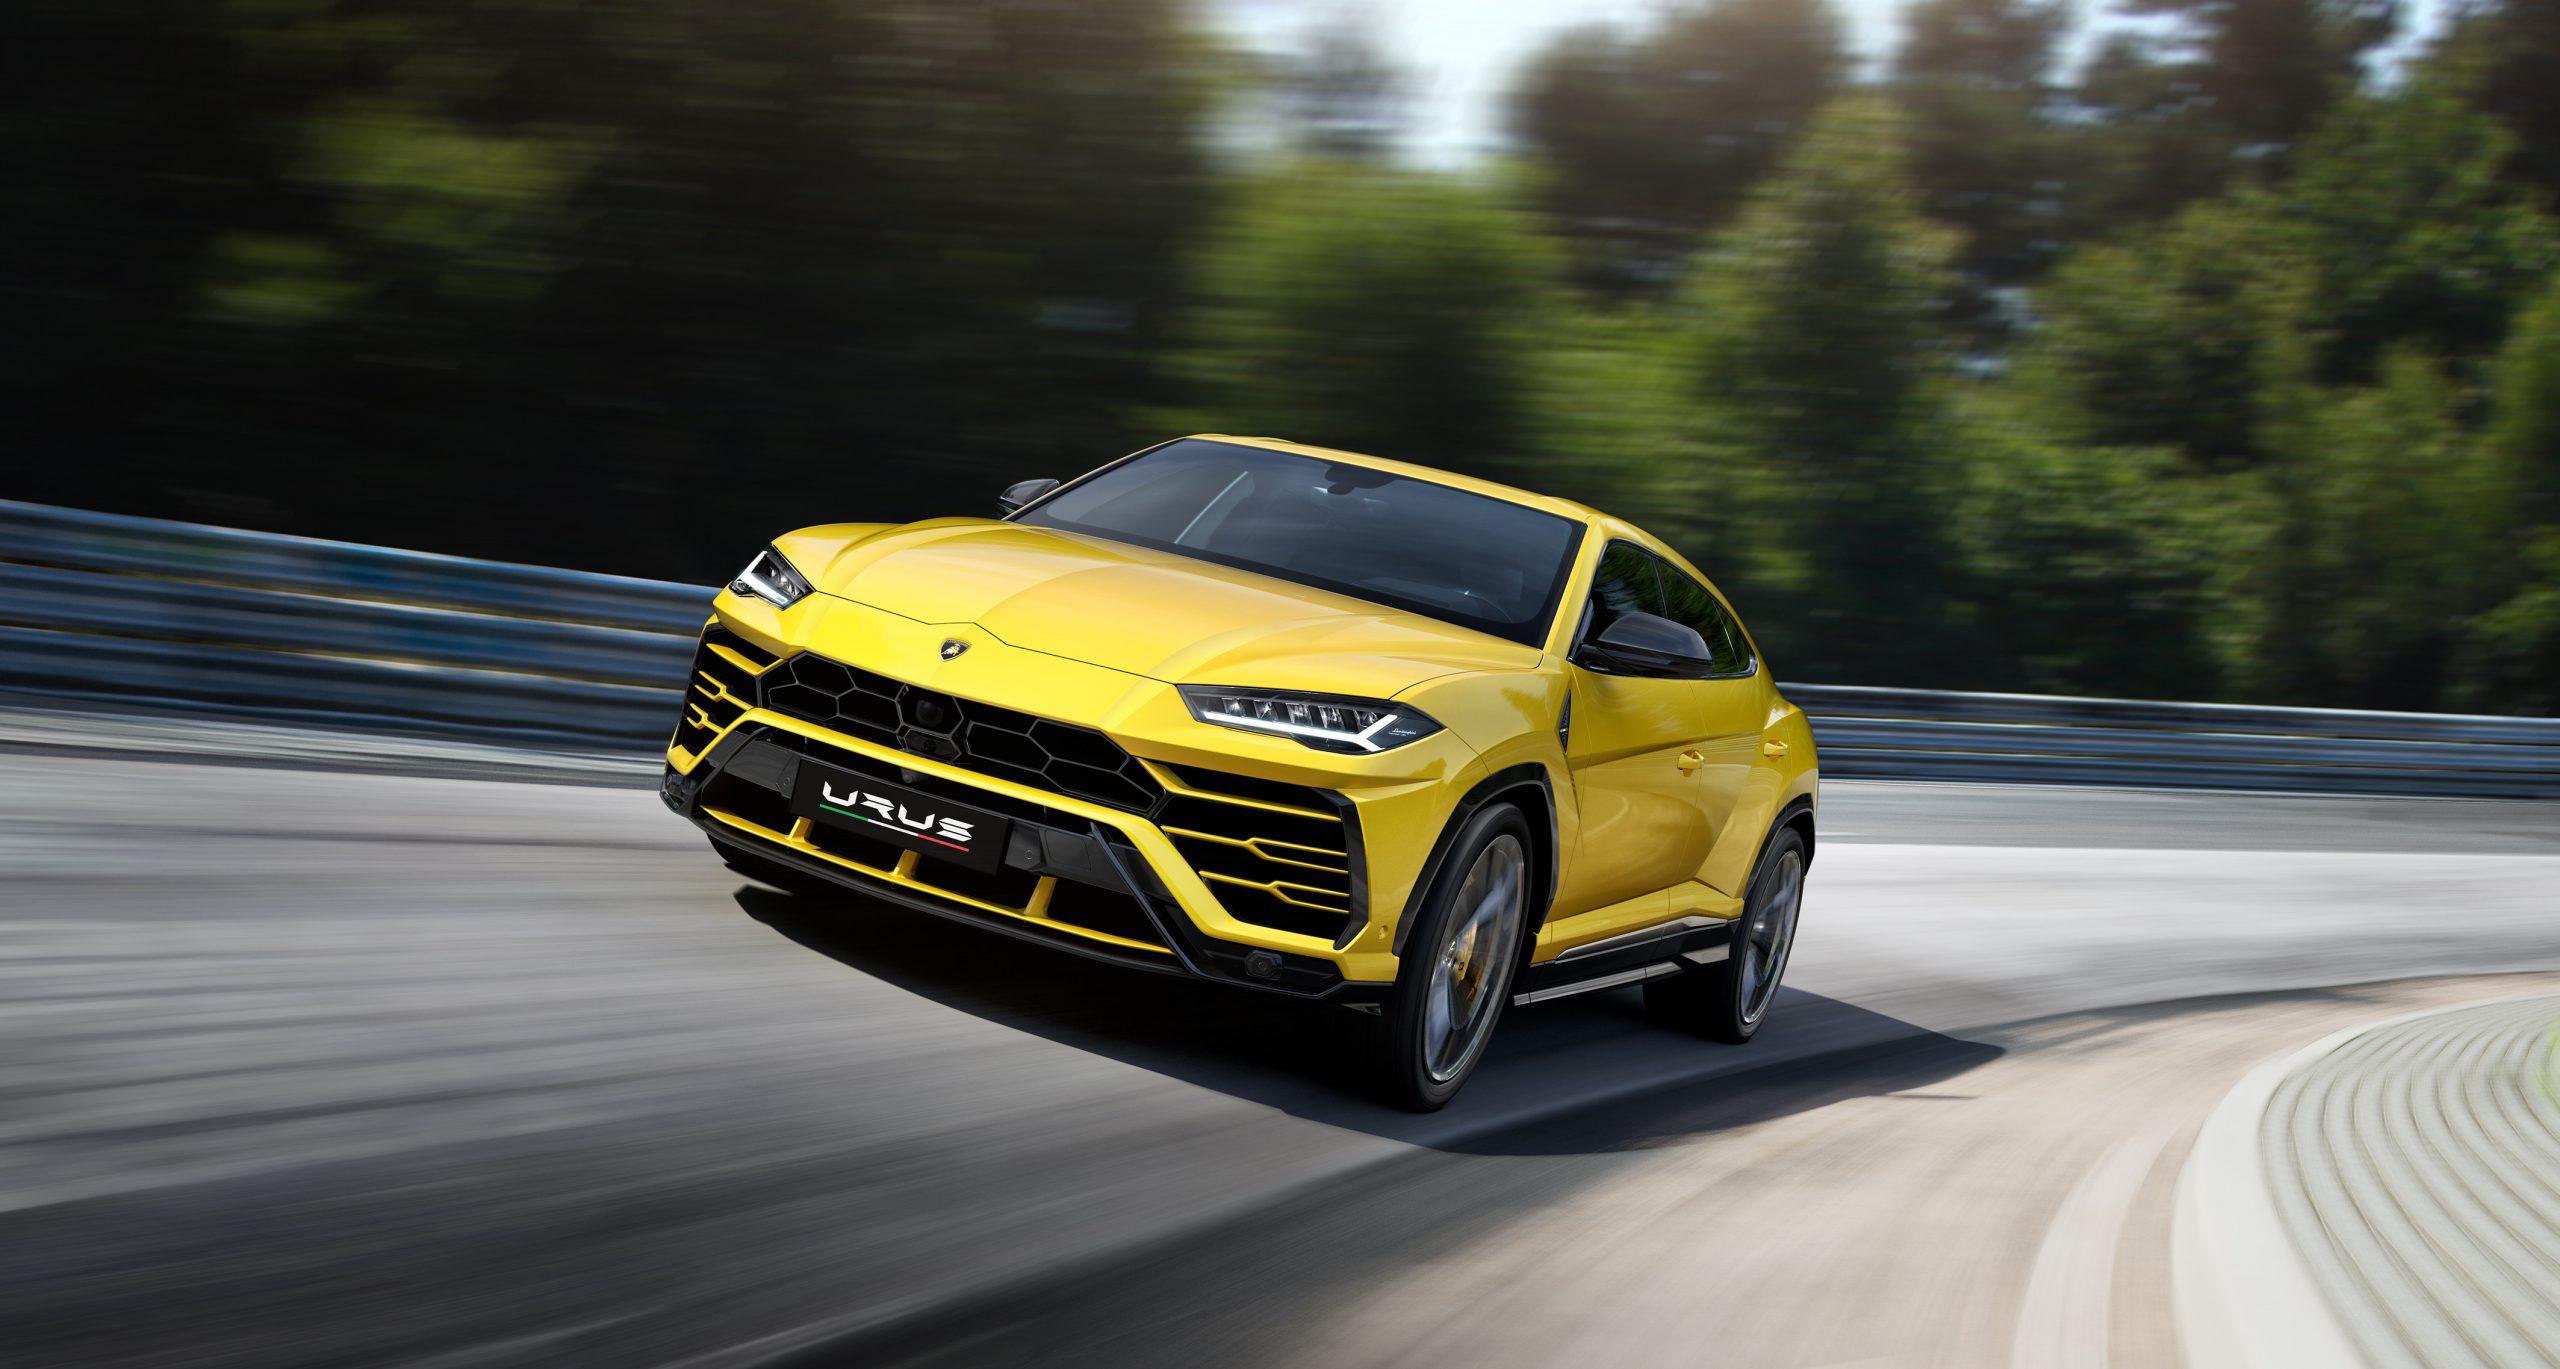 Der 650 PS starke Bolide überzeugt nicht nur technisch, sondern will auch ästhetisch höchste Maßstäbe erfüllen. Bild: Telsonic/Lamborghini